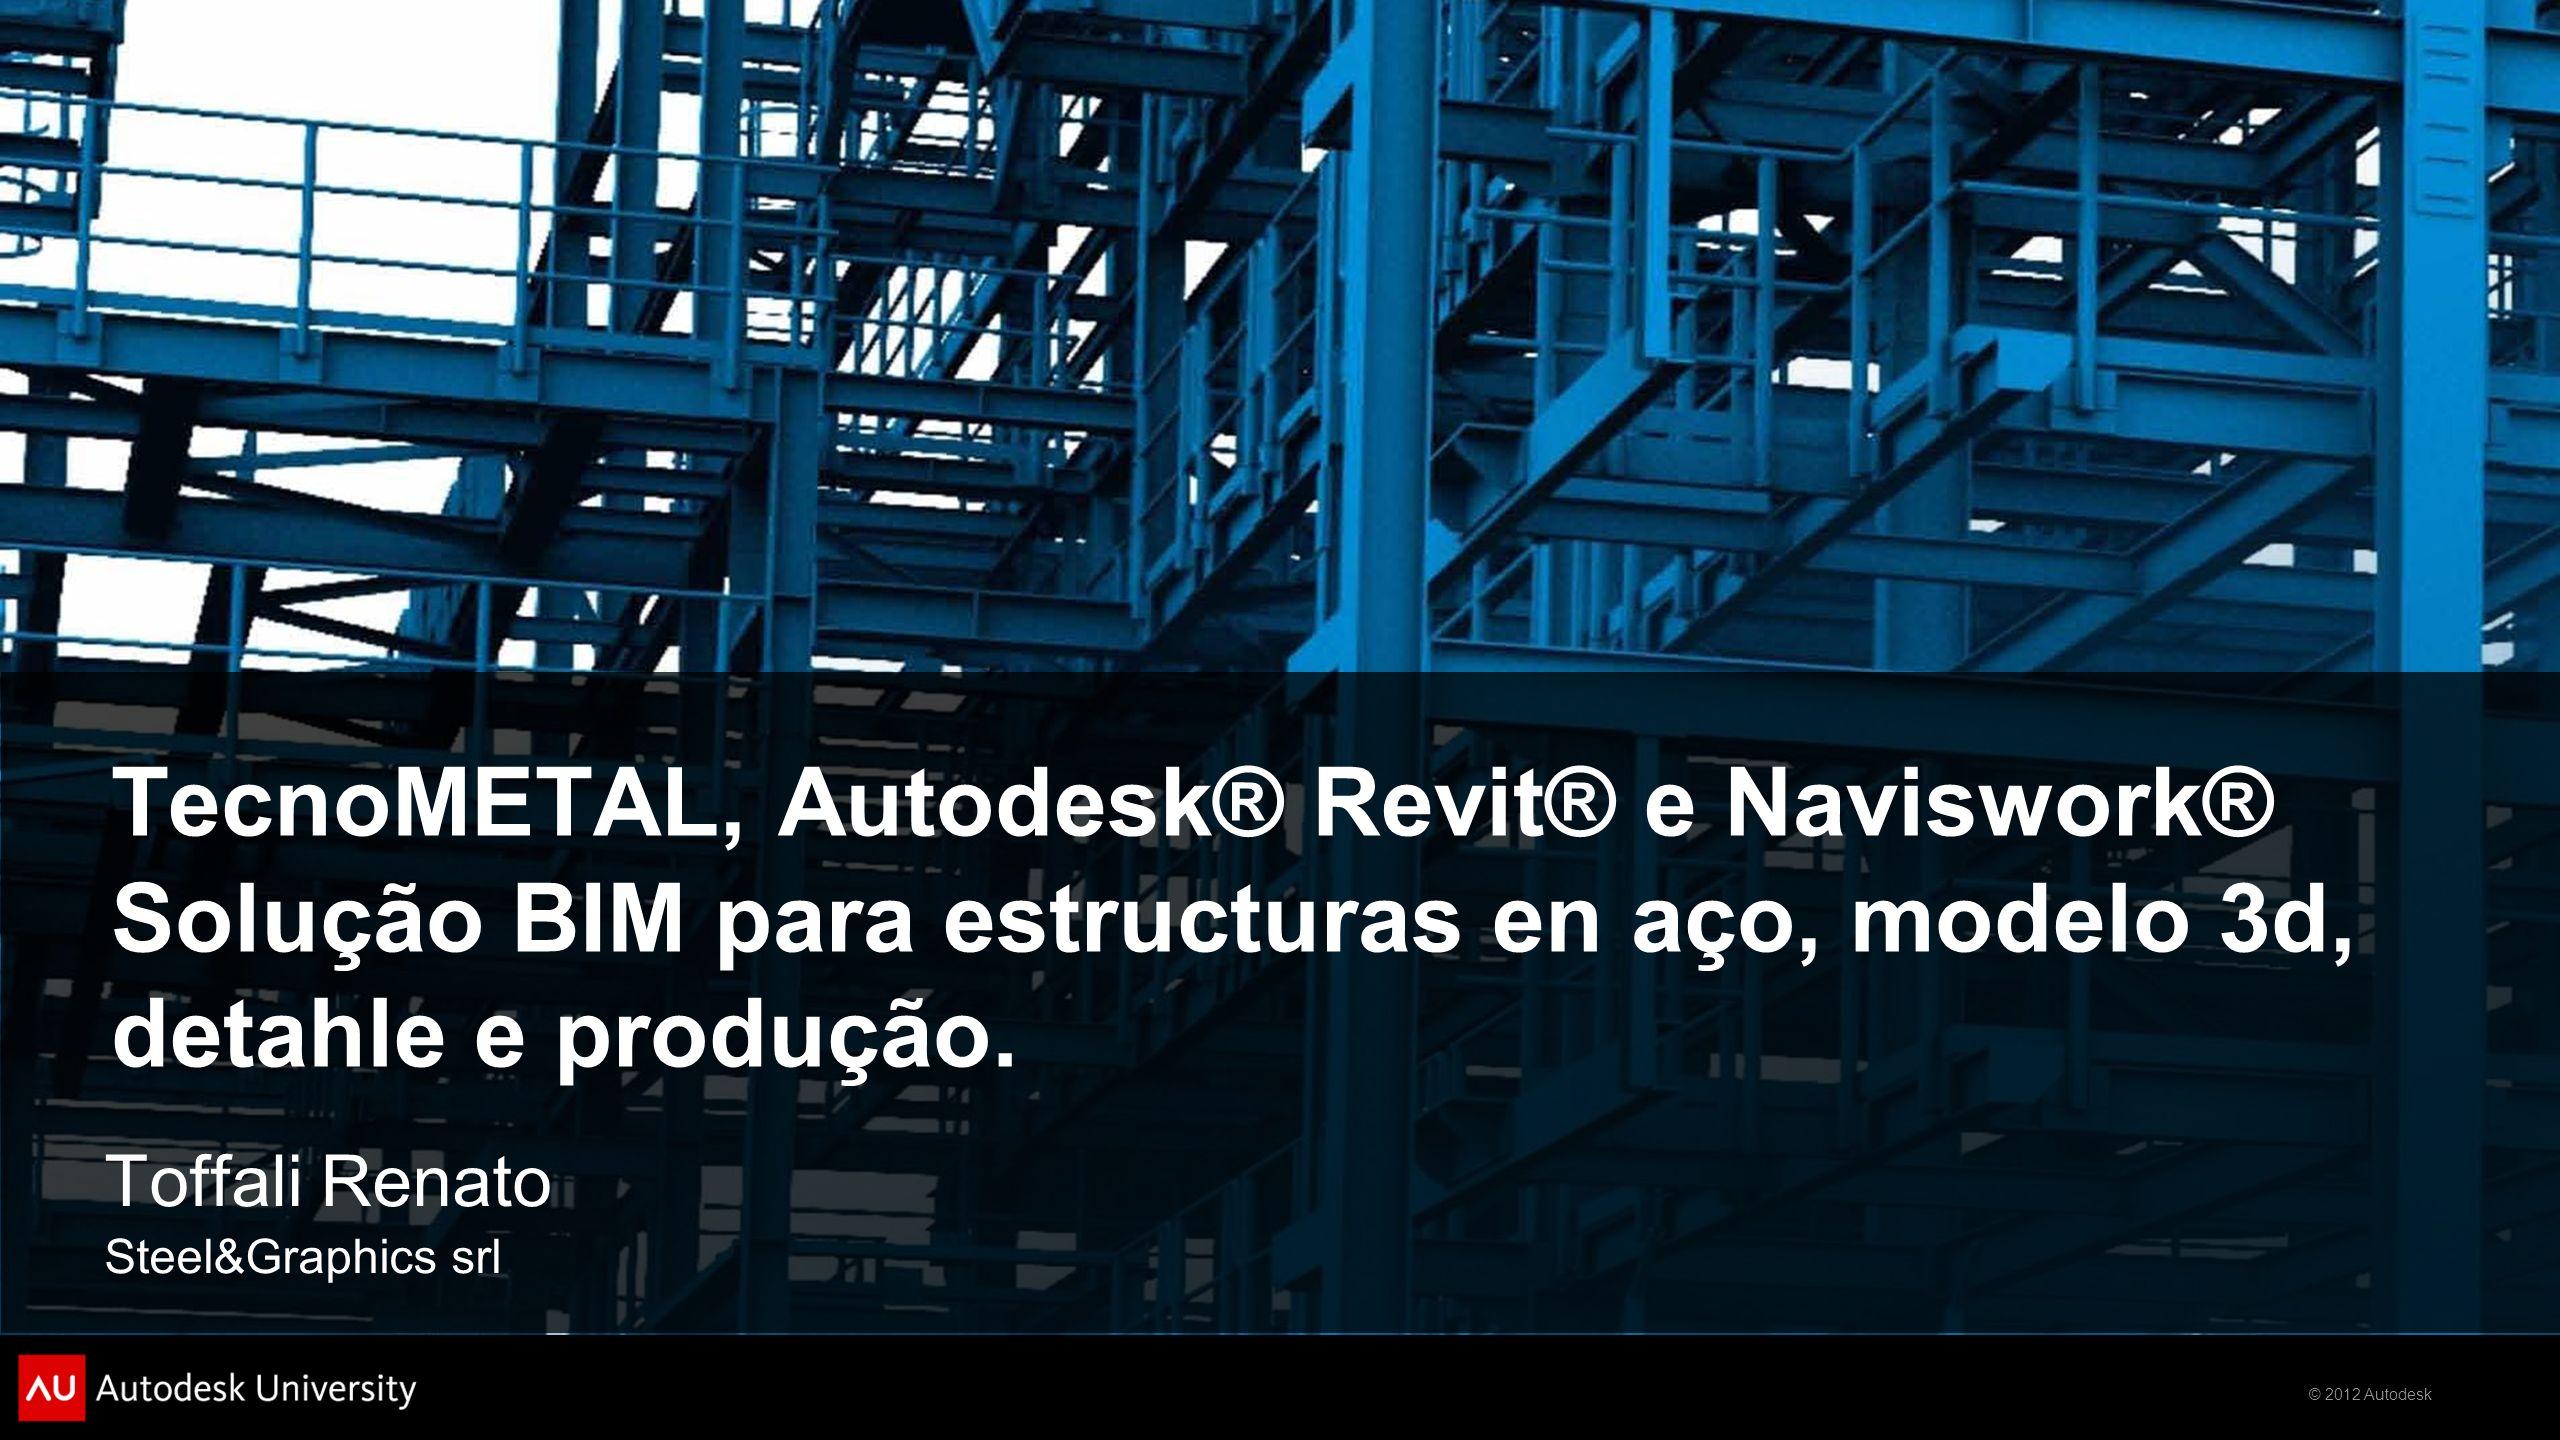 © 2012 Autodesk TecnoMETAL, Autodesk® Revit® e Naviswork® Solução BIM para estructuras en aço, modelo 3d, detahle e produção. Toffali Renato Steel&Gra